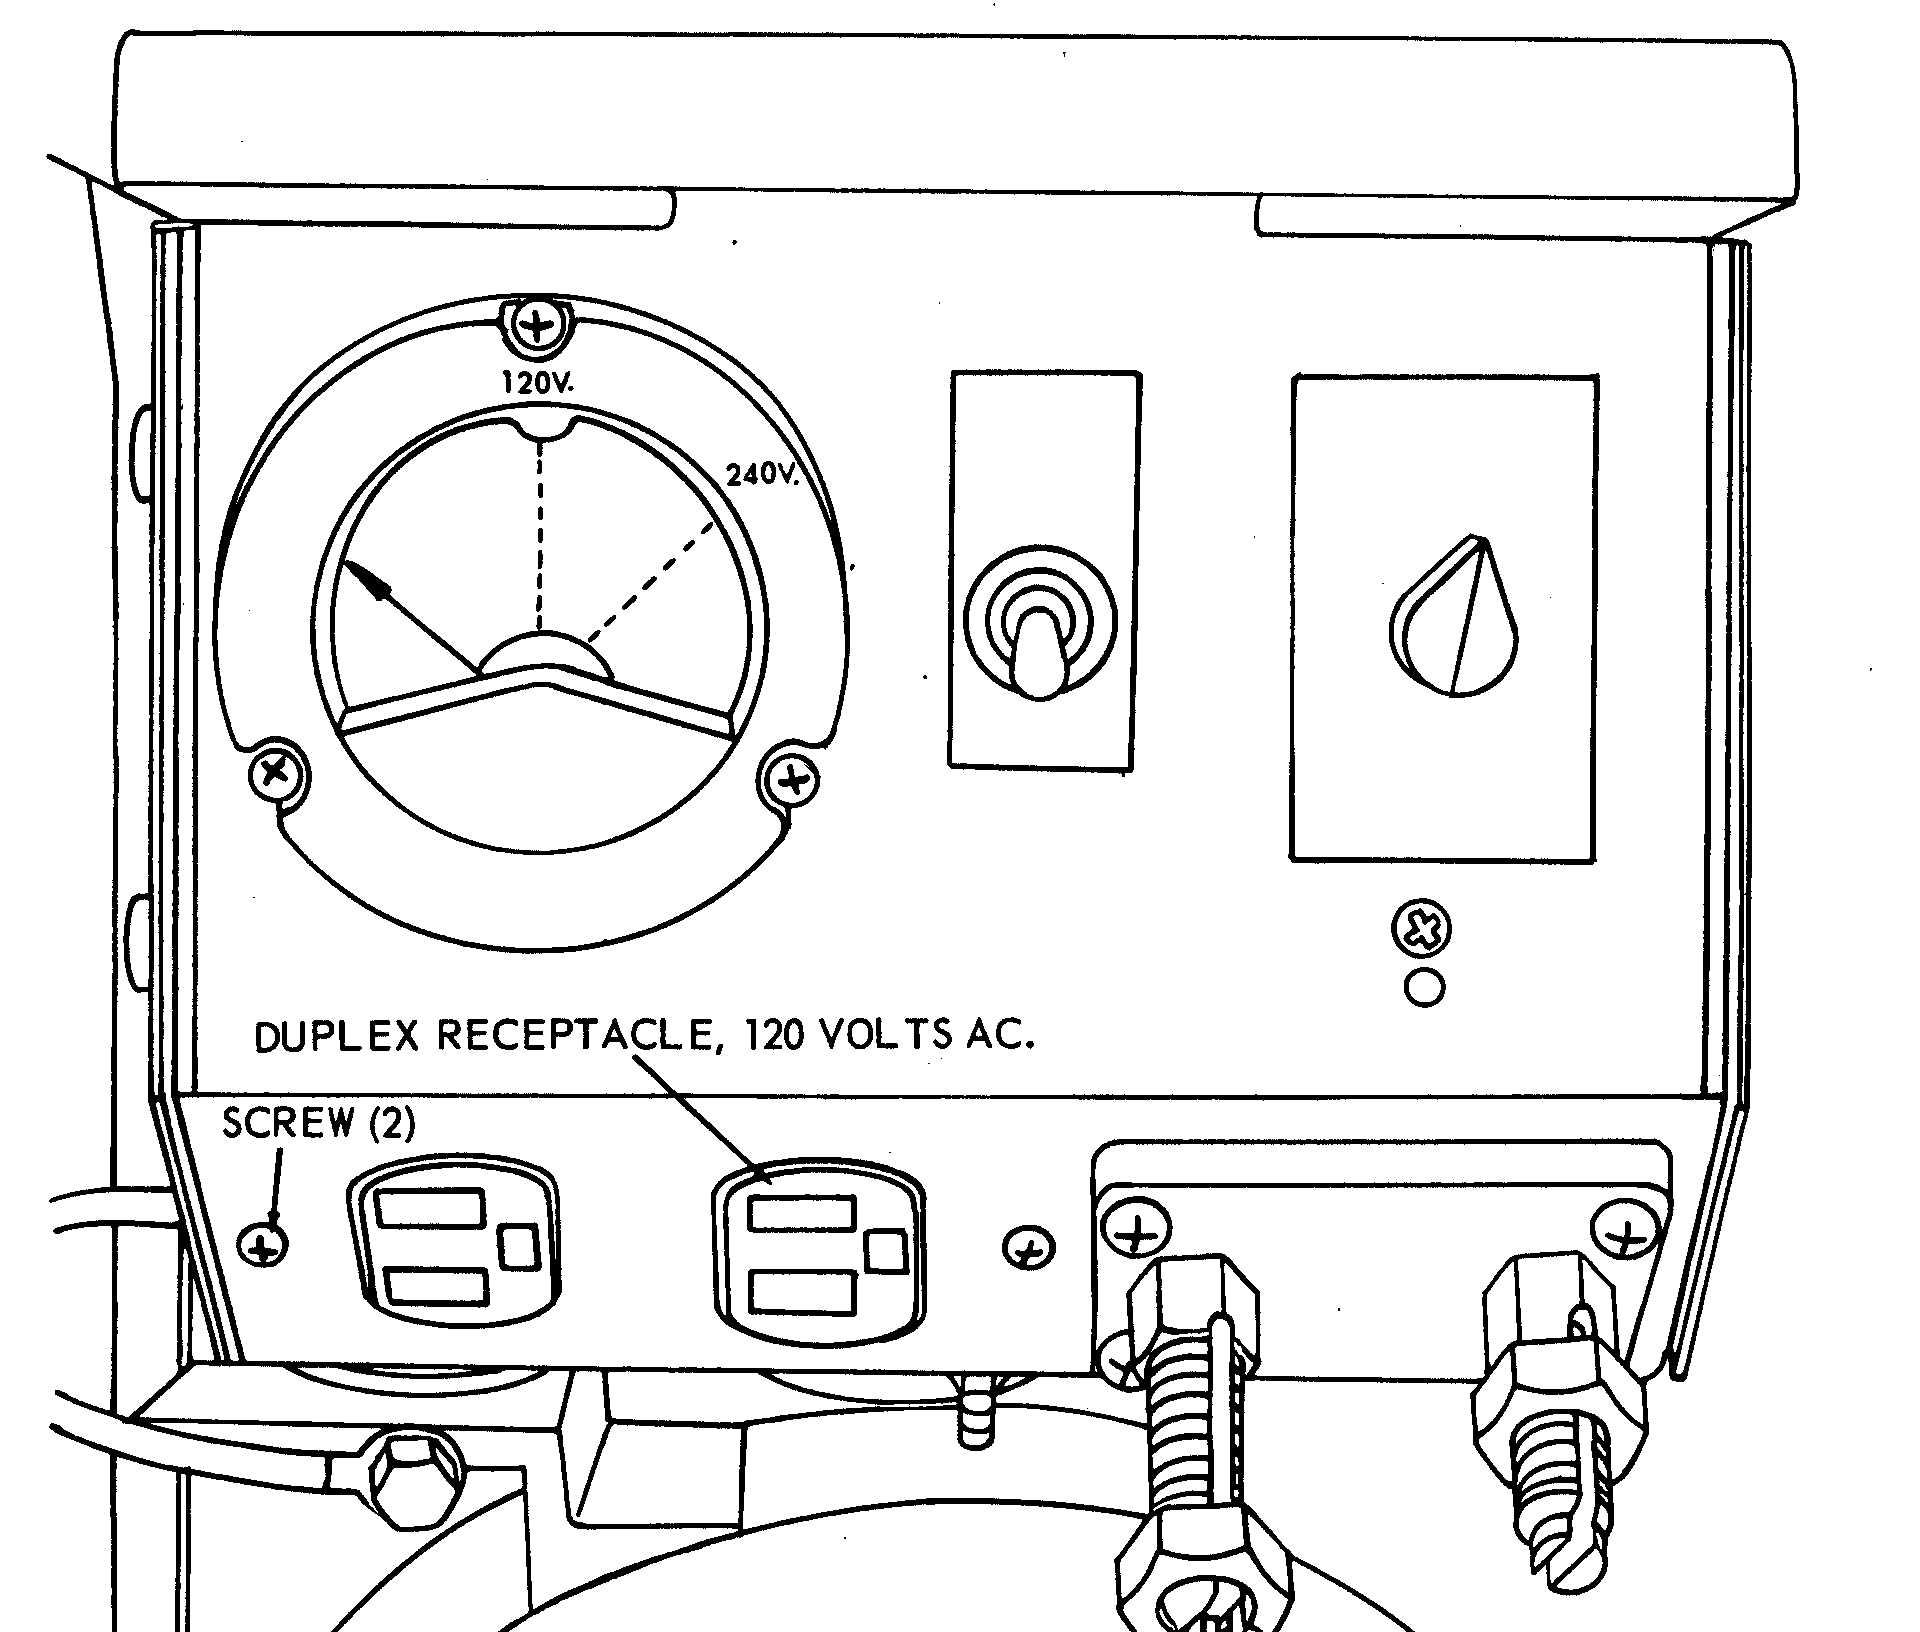 Duplex Receptacle 120 Volts Ac